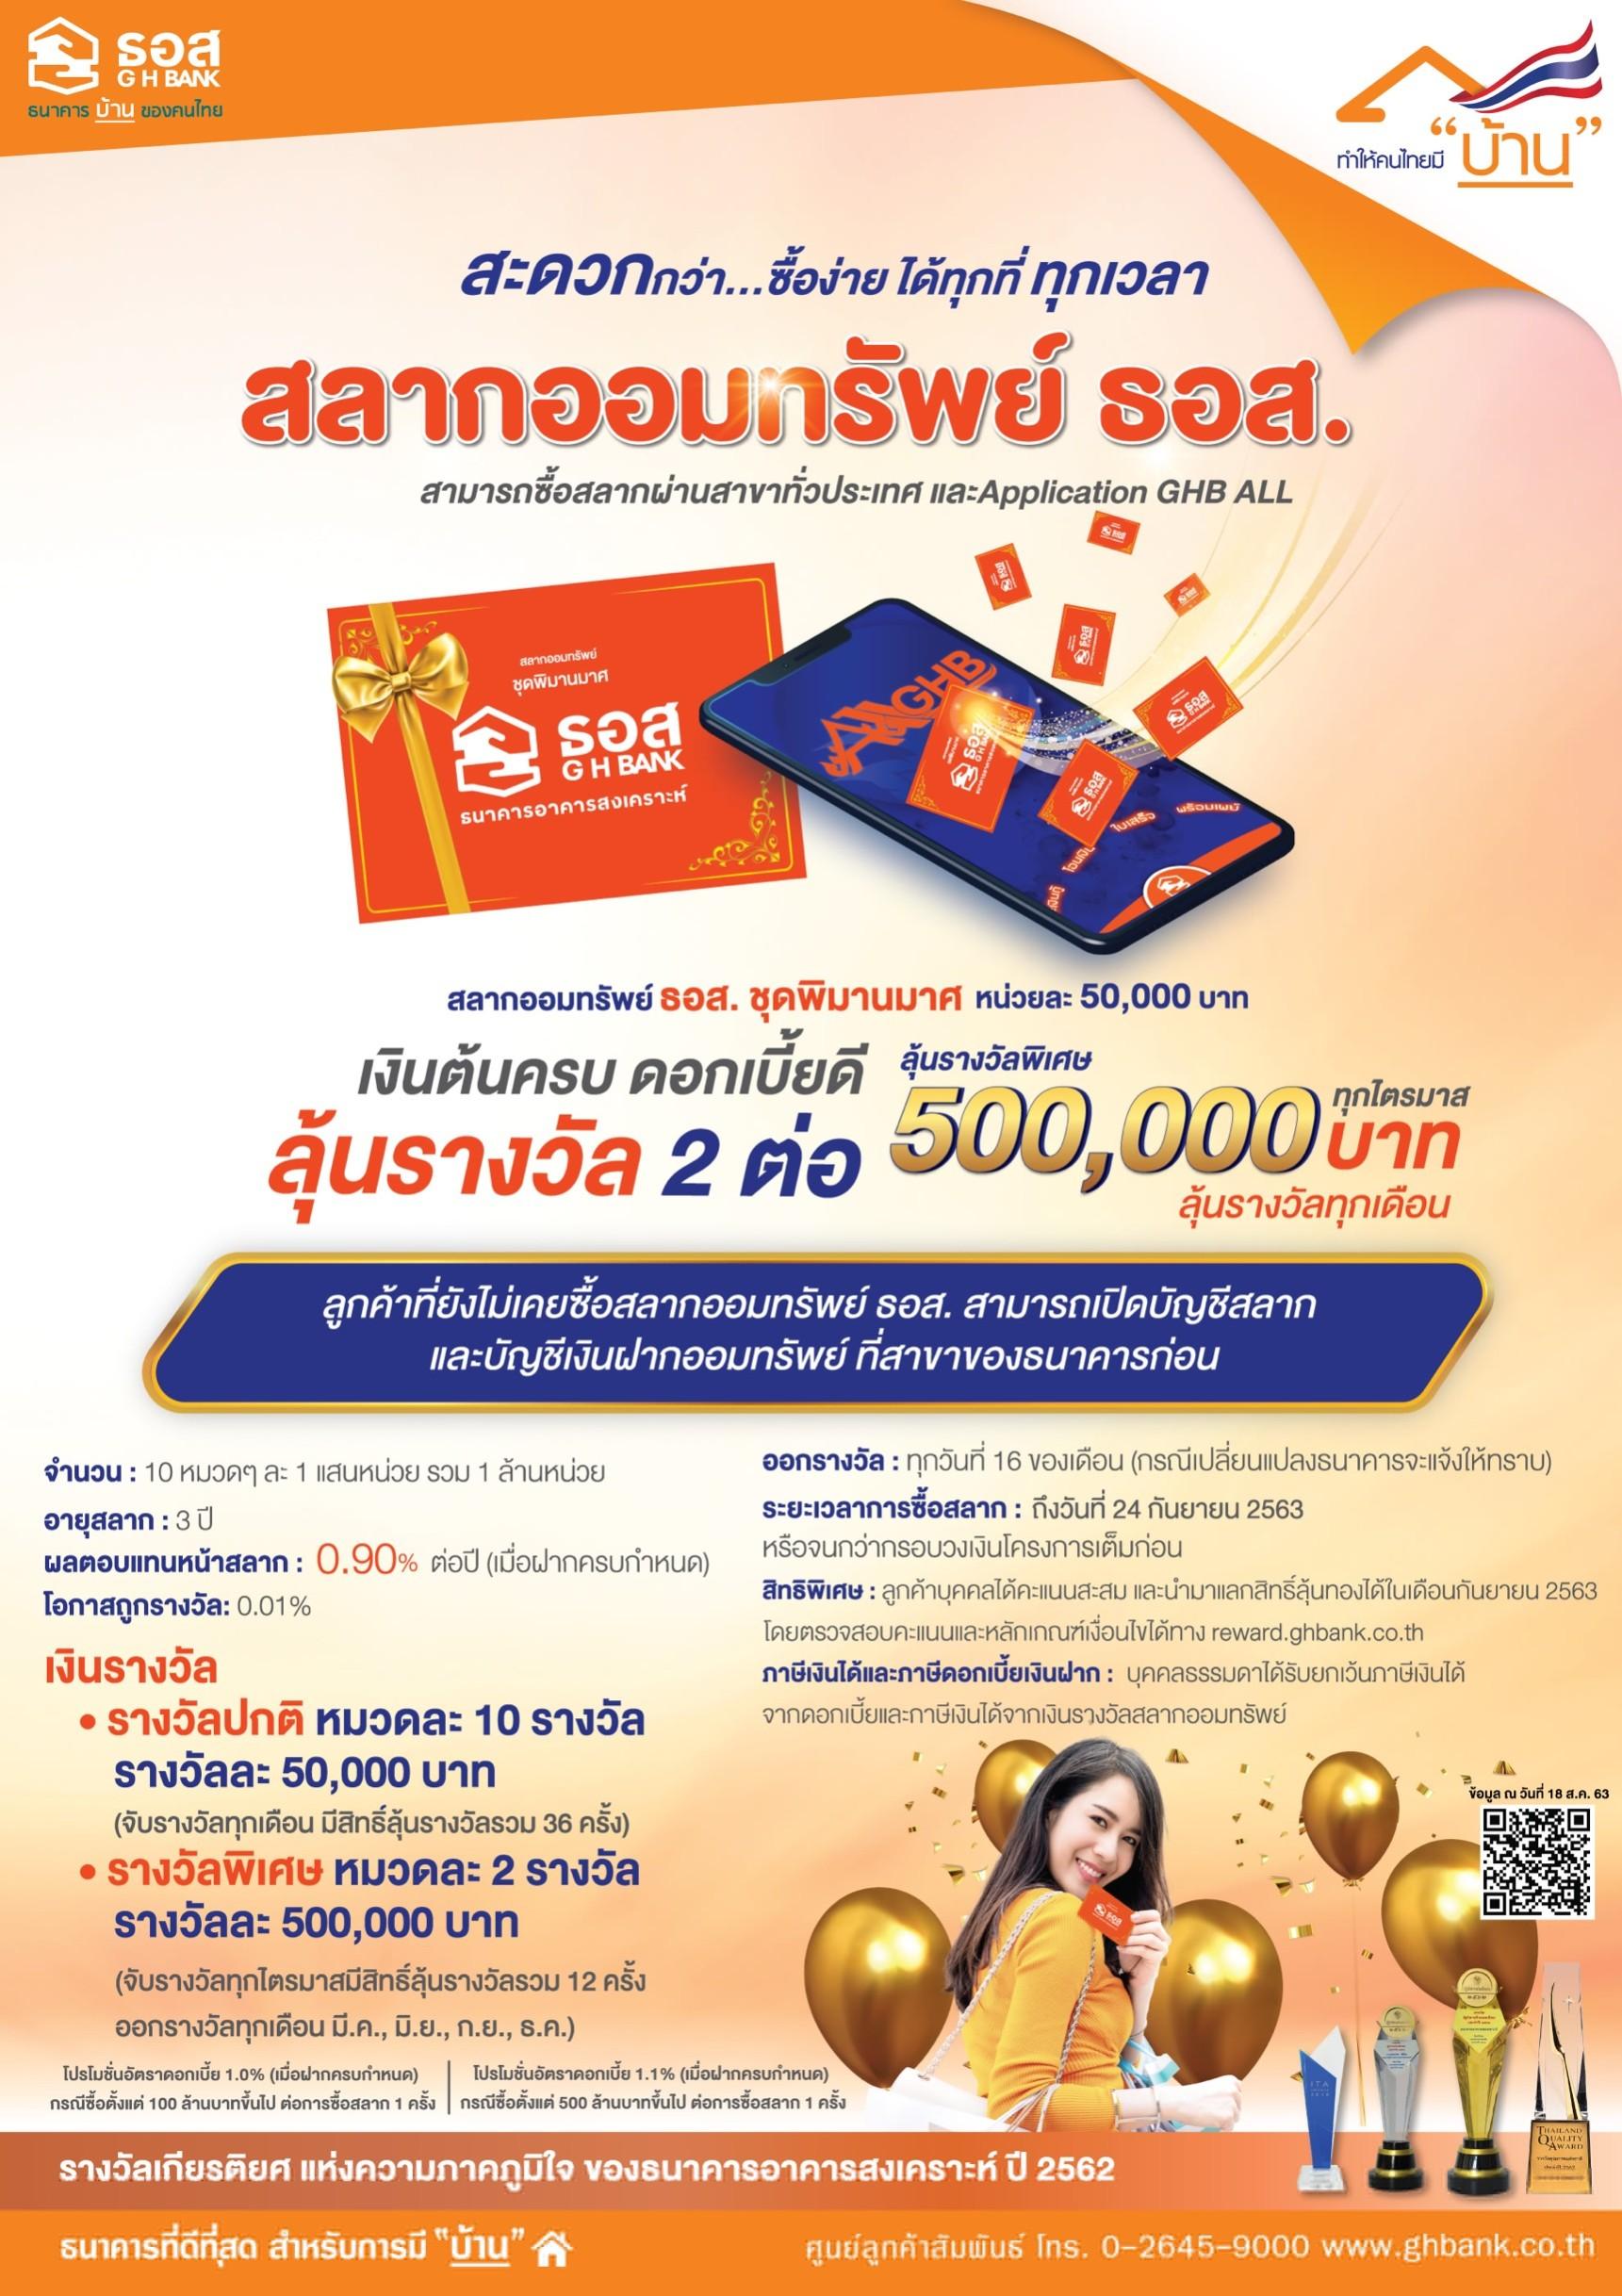 สลากออมทรัพย์ ธอส. ชุดพิมานมาศ หน่วยละ 50,000 บาท